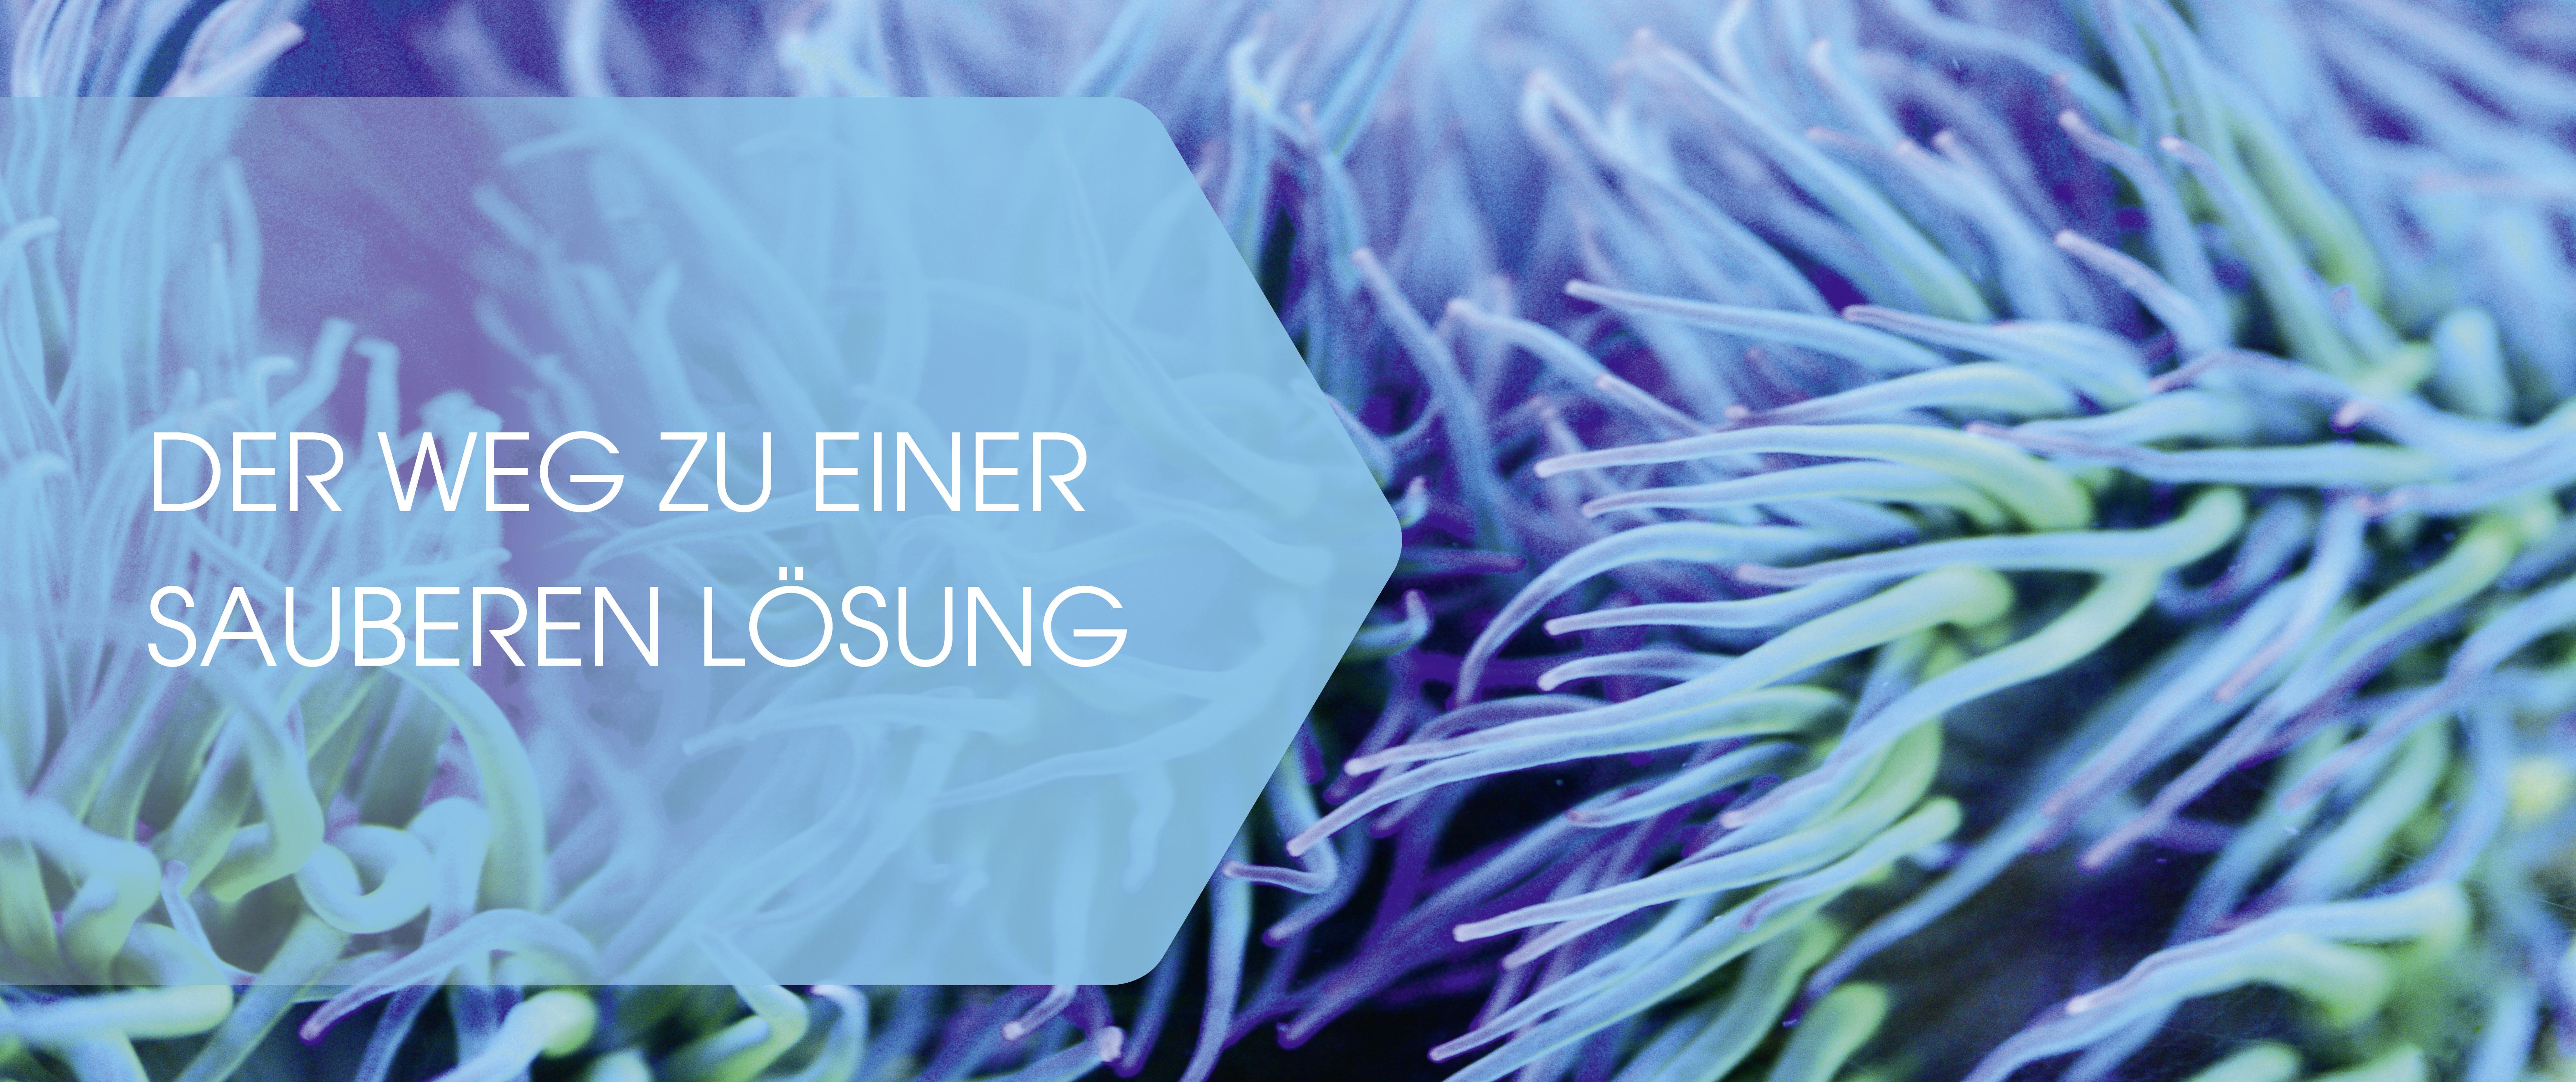 roll-ex Feinstrainer Lösungen UTH GmbH